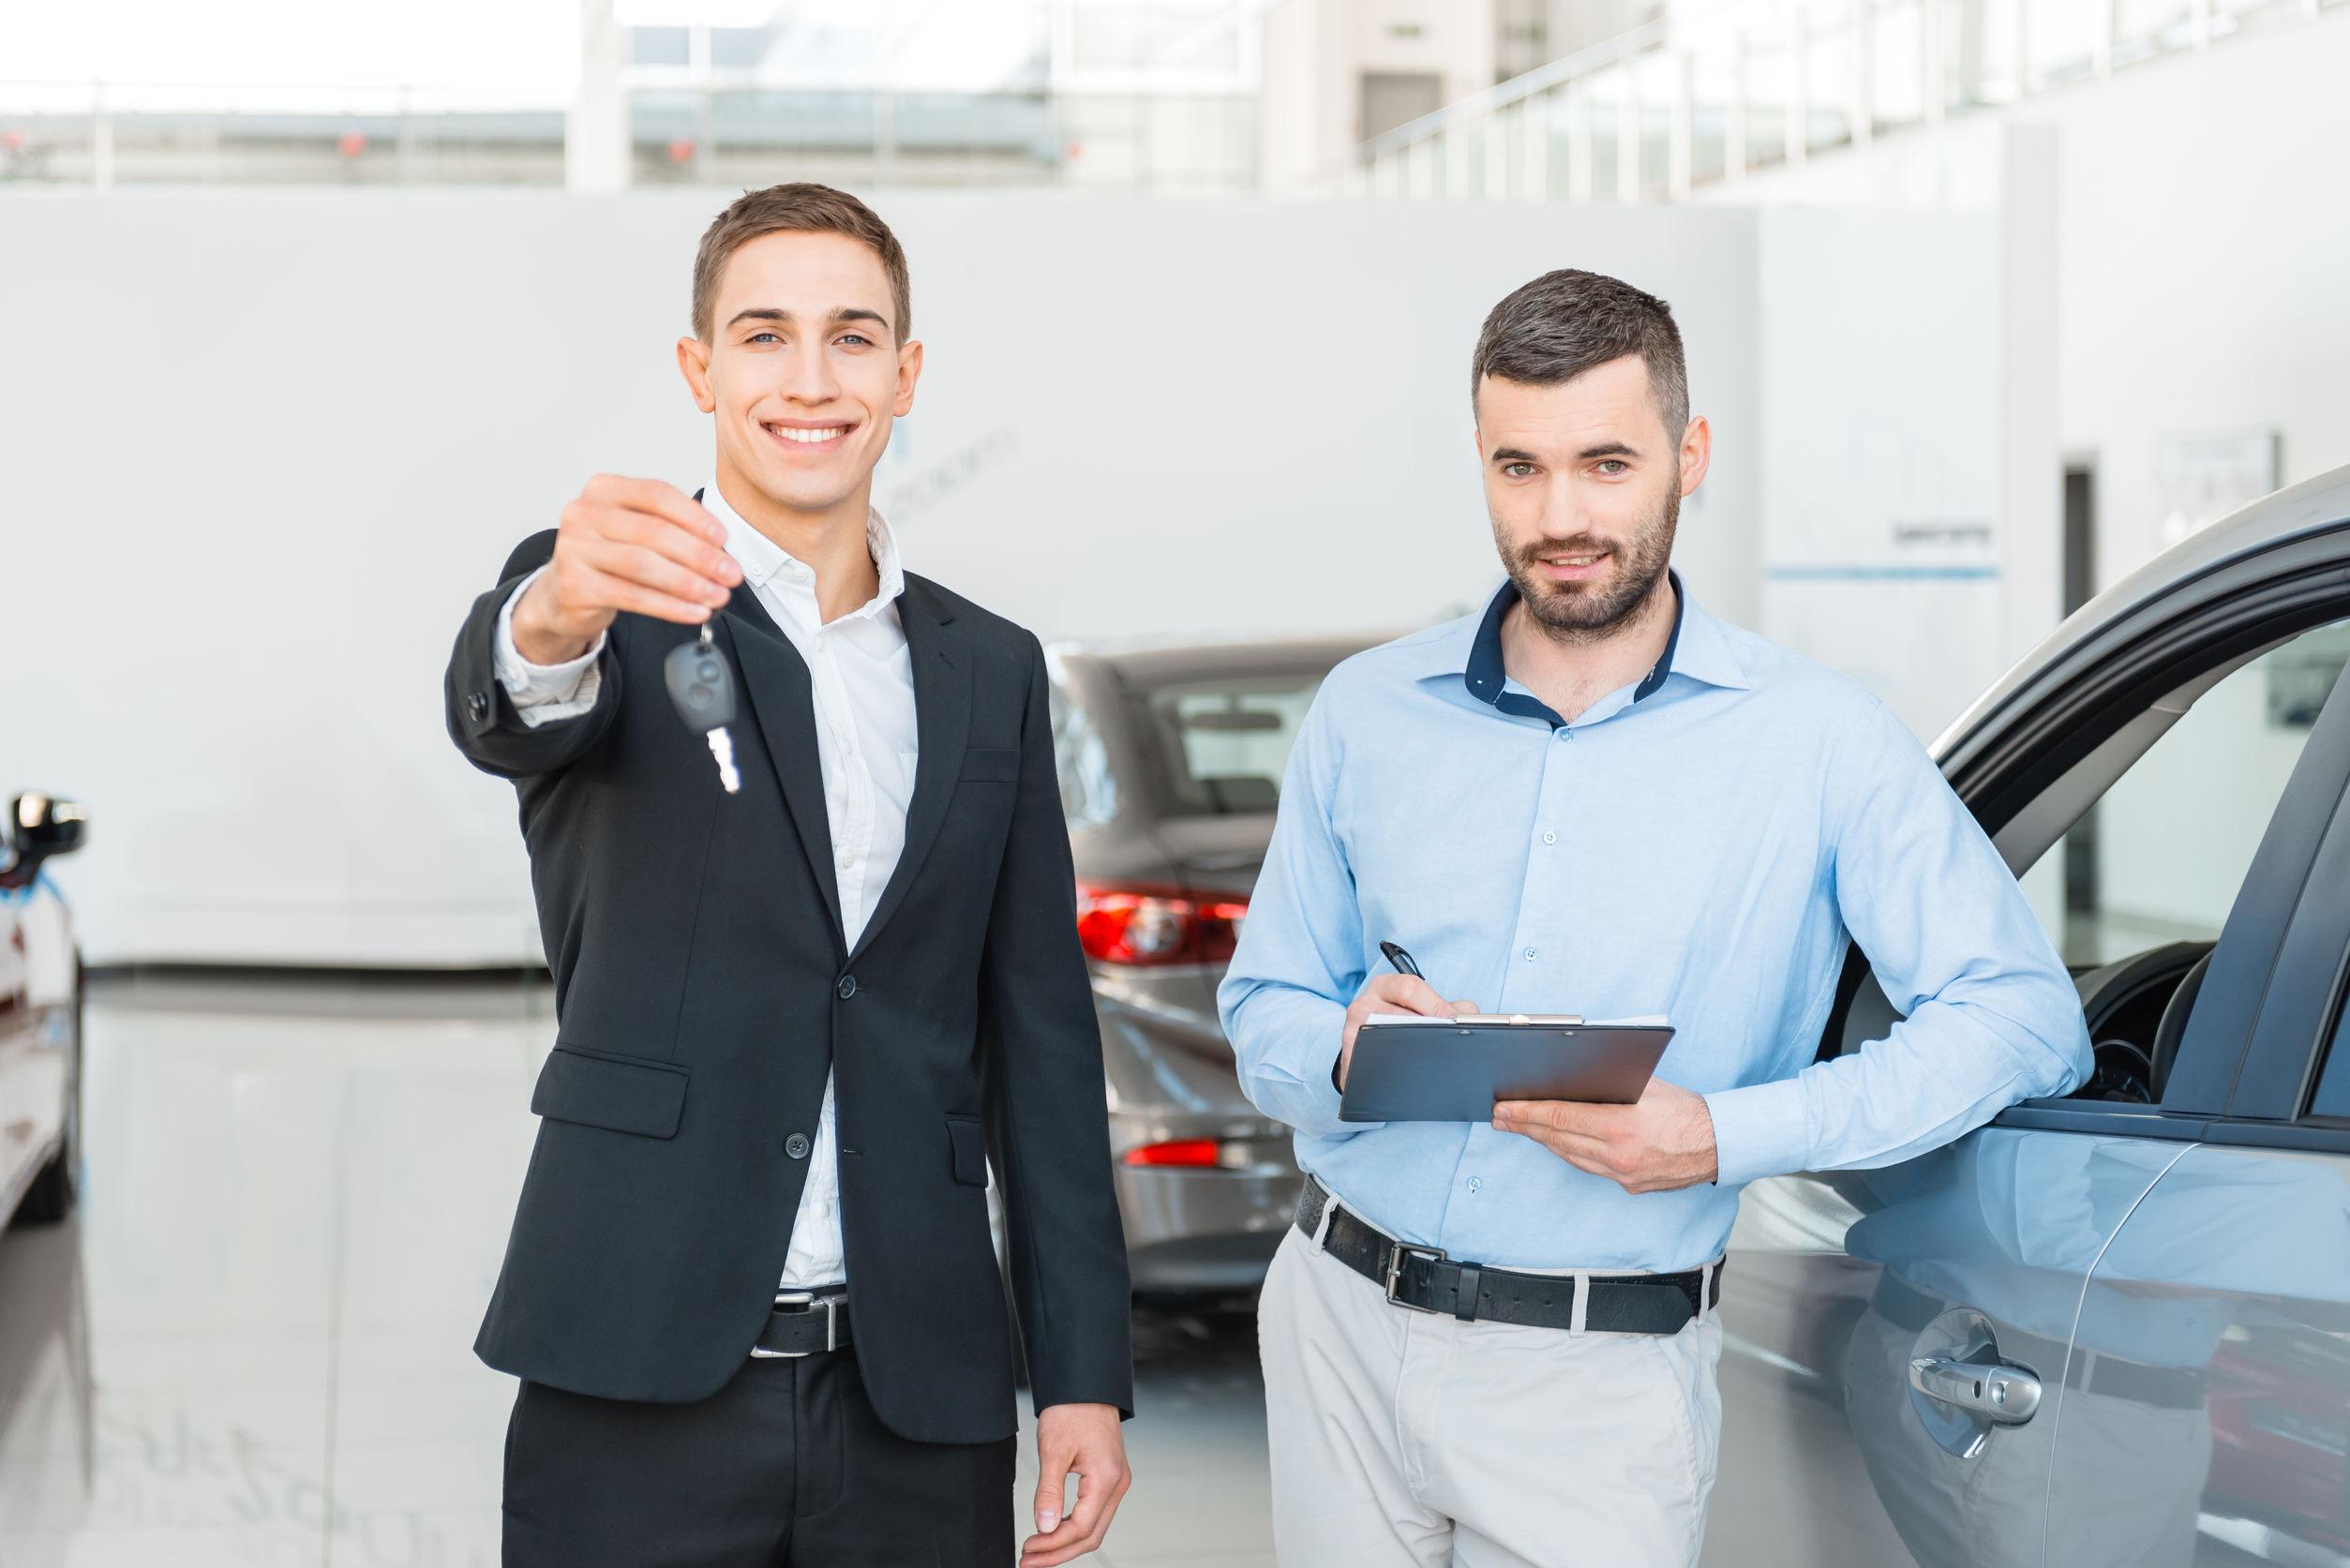 Ufficio Per Passaggio Di Proprietà Auto : Passaggio di proprietà auto: ecco liter da seguire